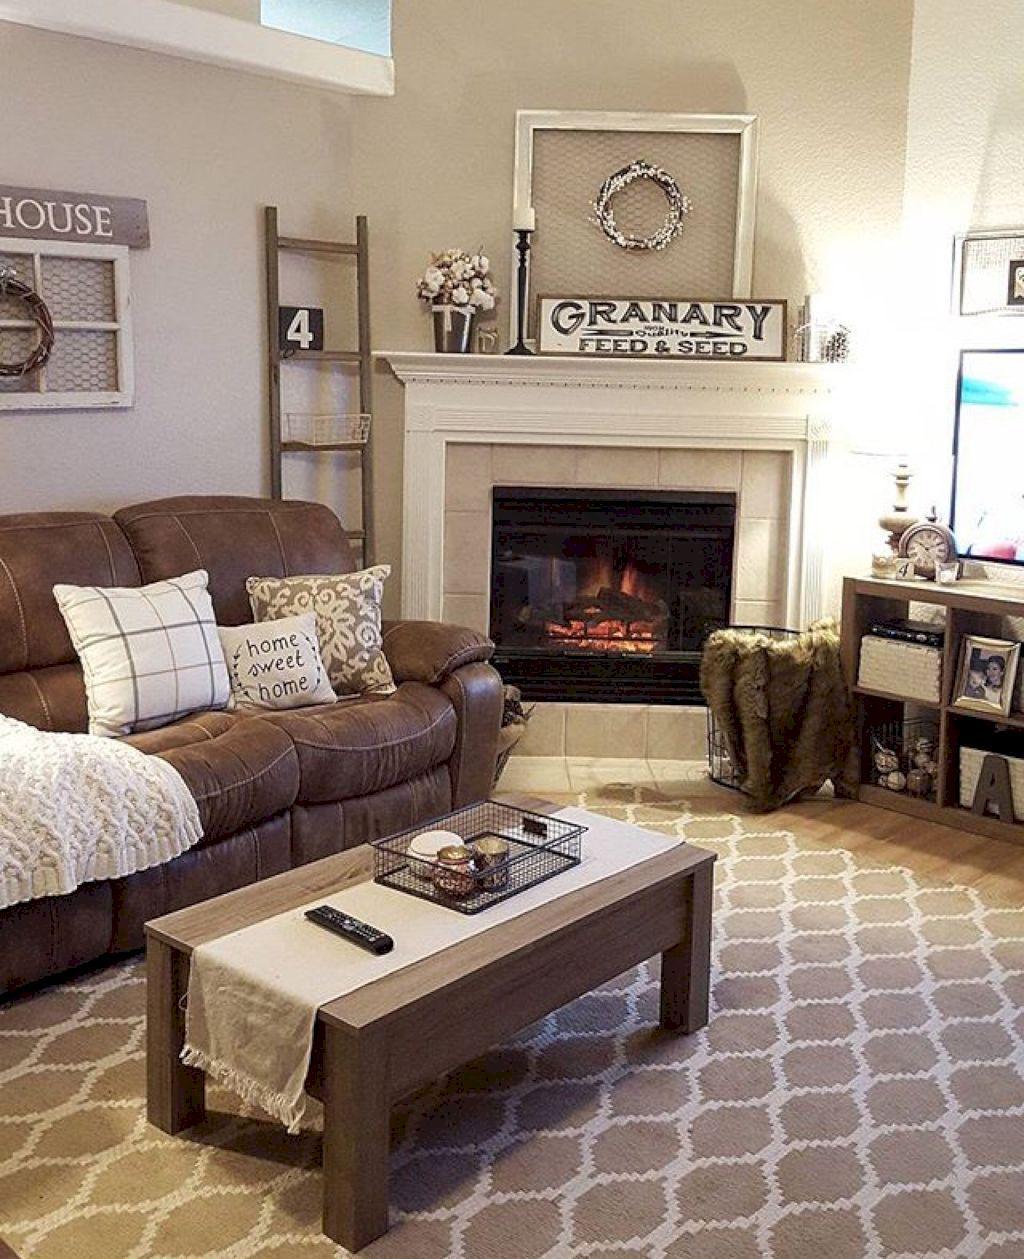 35 Awesome Farmhouse Living Room Ideas  Farmhouse Living Rooms Classy Farmhouse Living Room Design Ideas Design Ideas